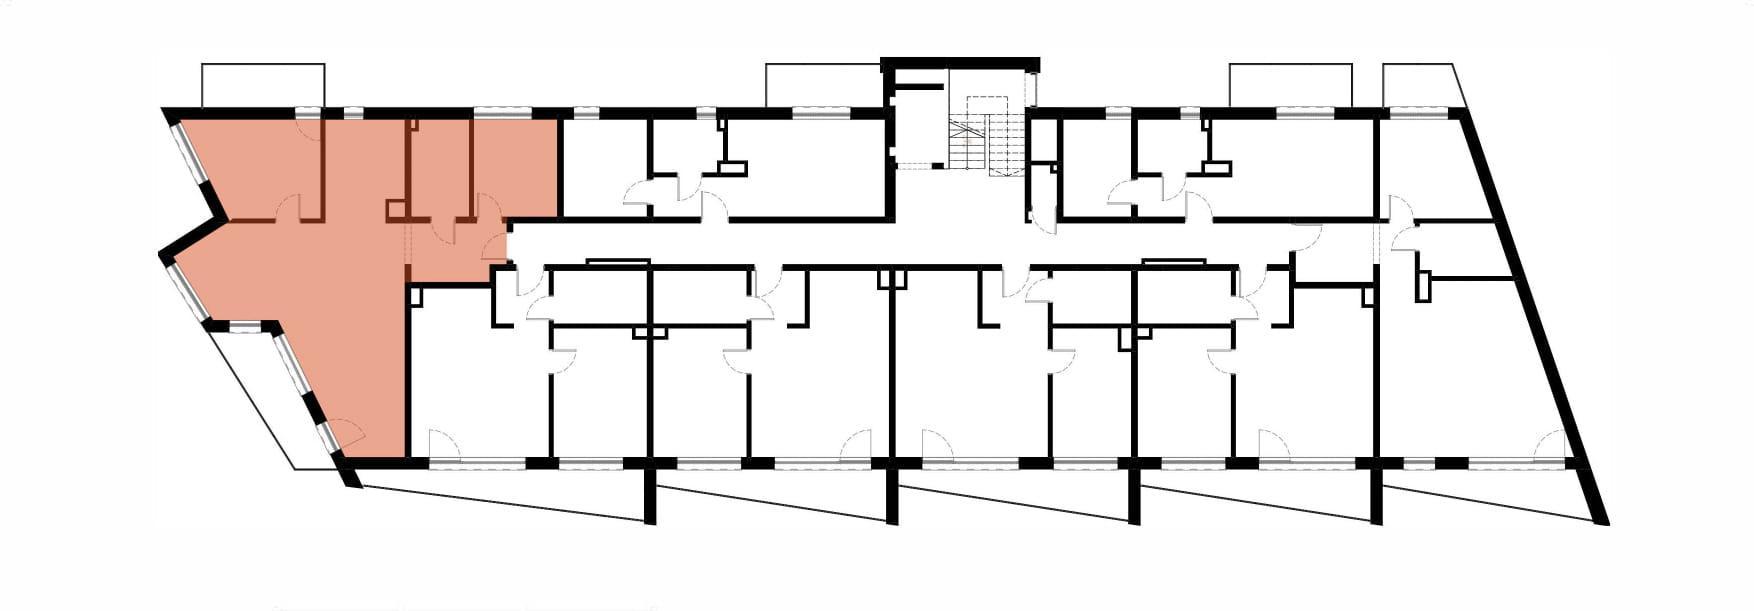 Apartamenty Kamienna / apartamenty inwestycyjne M14 rzut 2